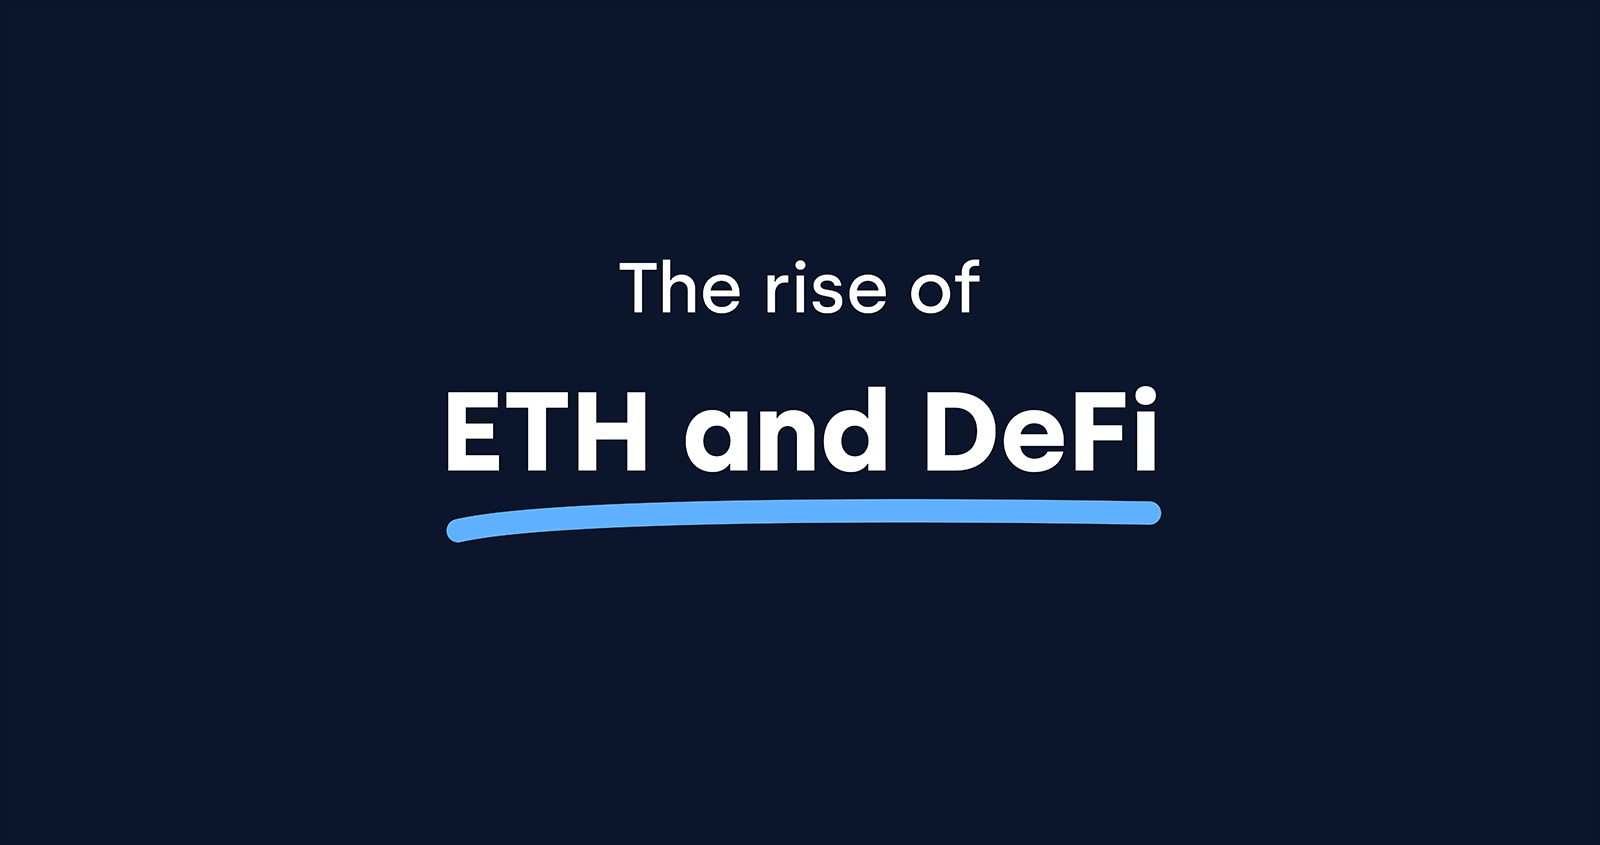 Địa chỉ Ethereum sử dụng DeFi tăng 65% so với Quý trước